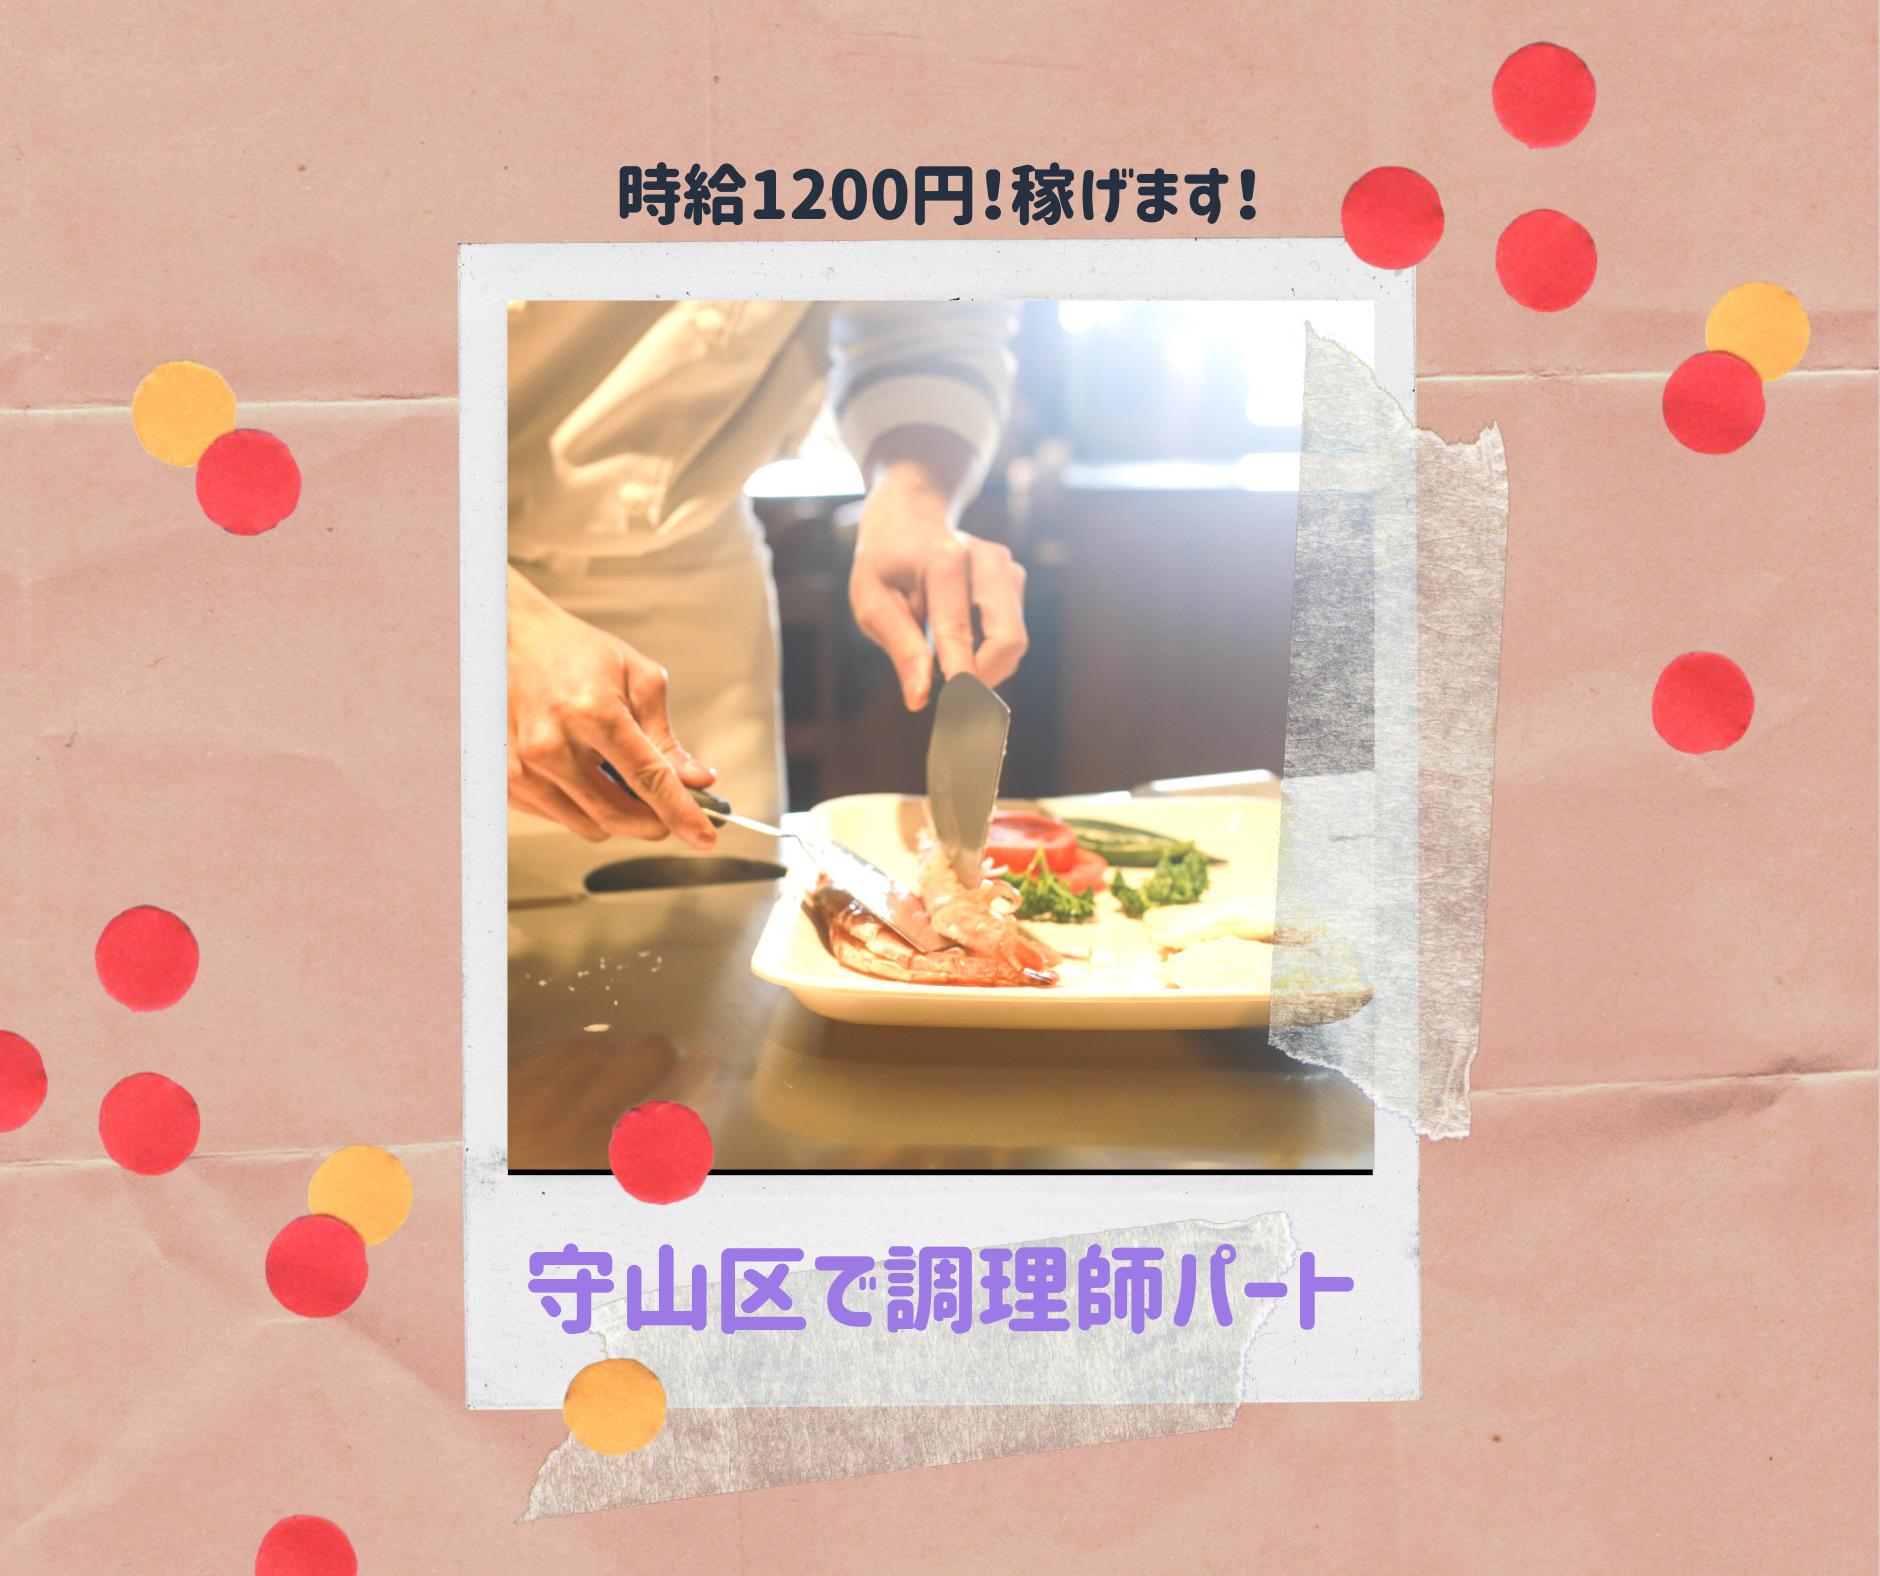 (守山区)時給 1,200円の調理師パート募集!研修制度充実してます☆彡 イメージ